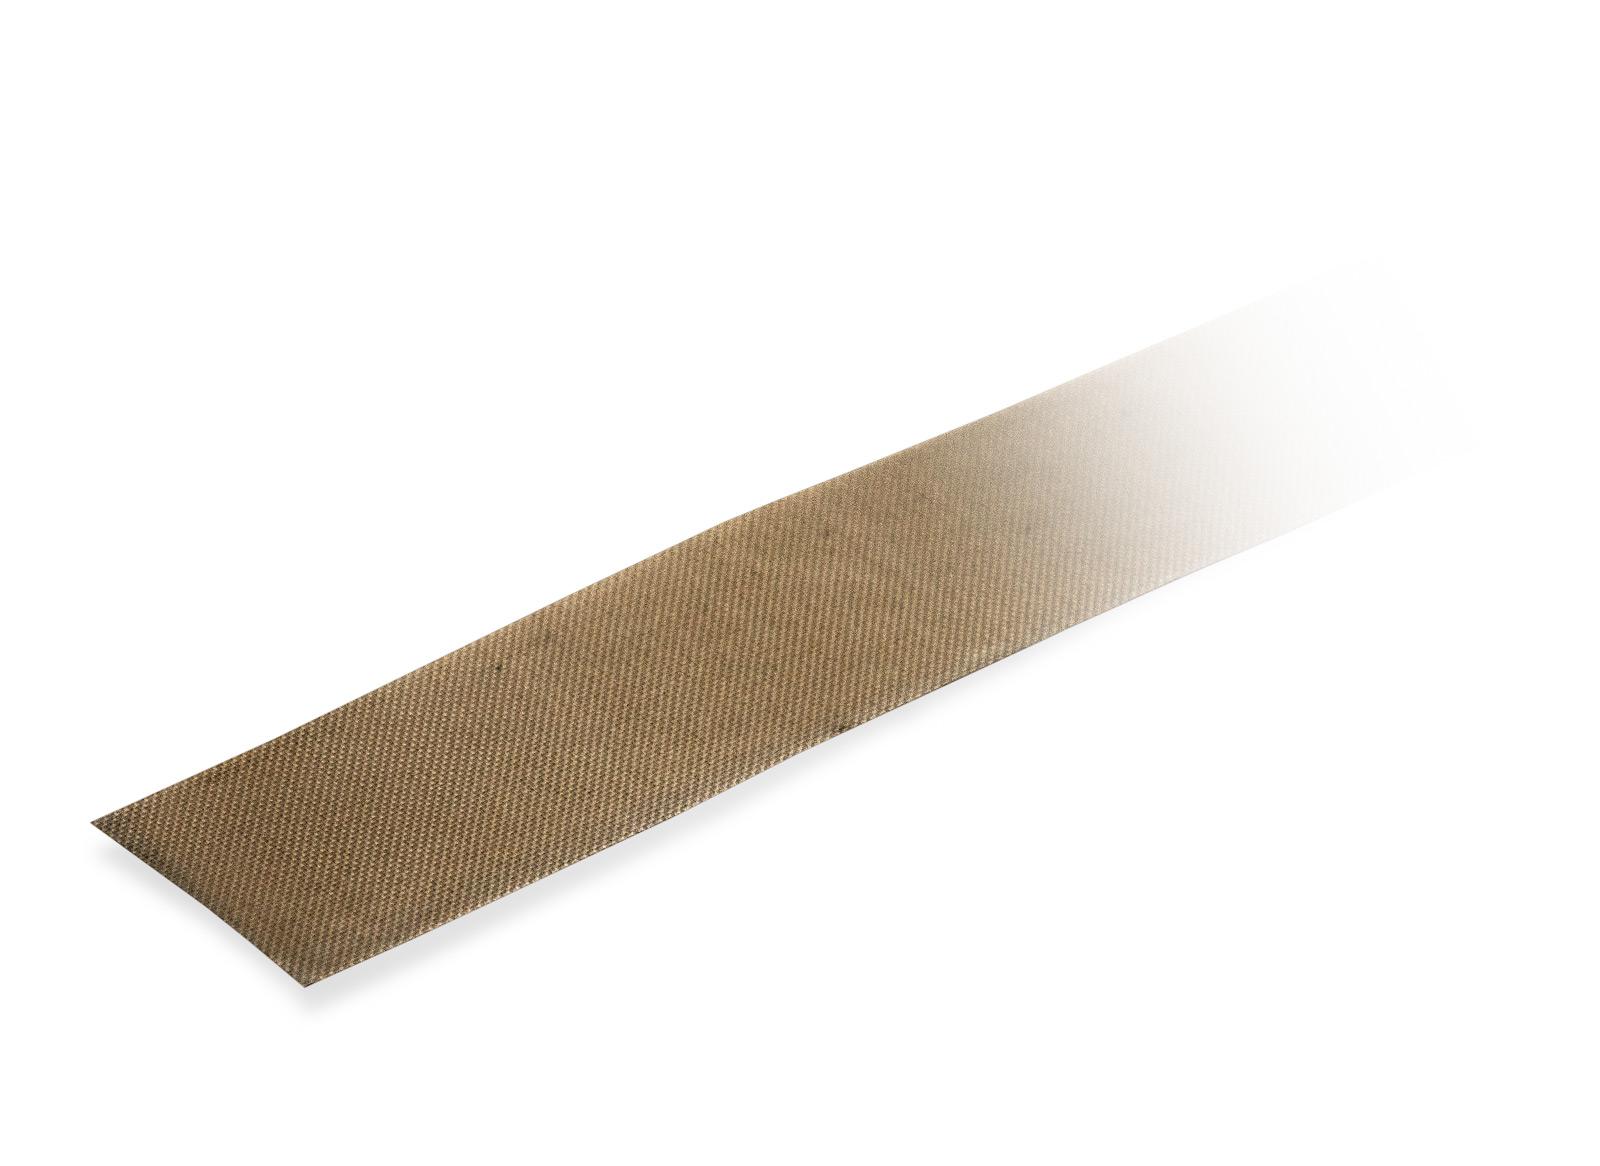 Tepluodolná páska teflonovaná pro svářečku fólií FRN-900 90cm